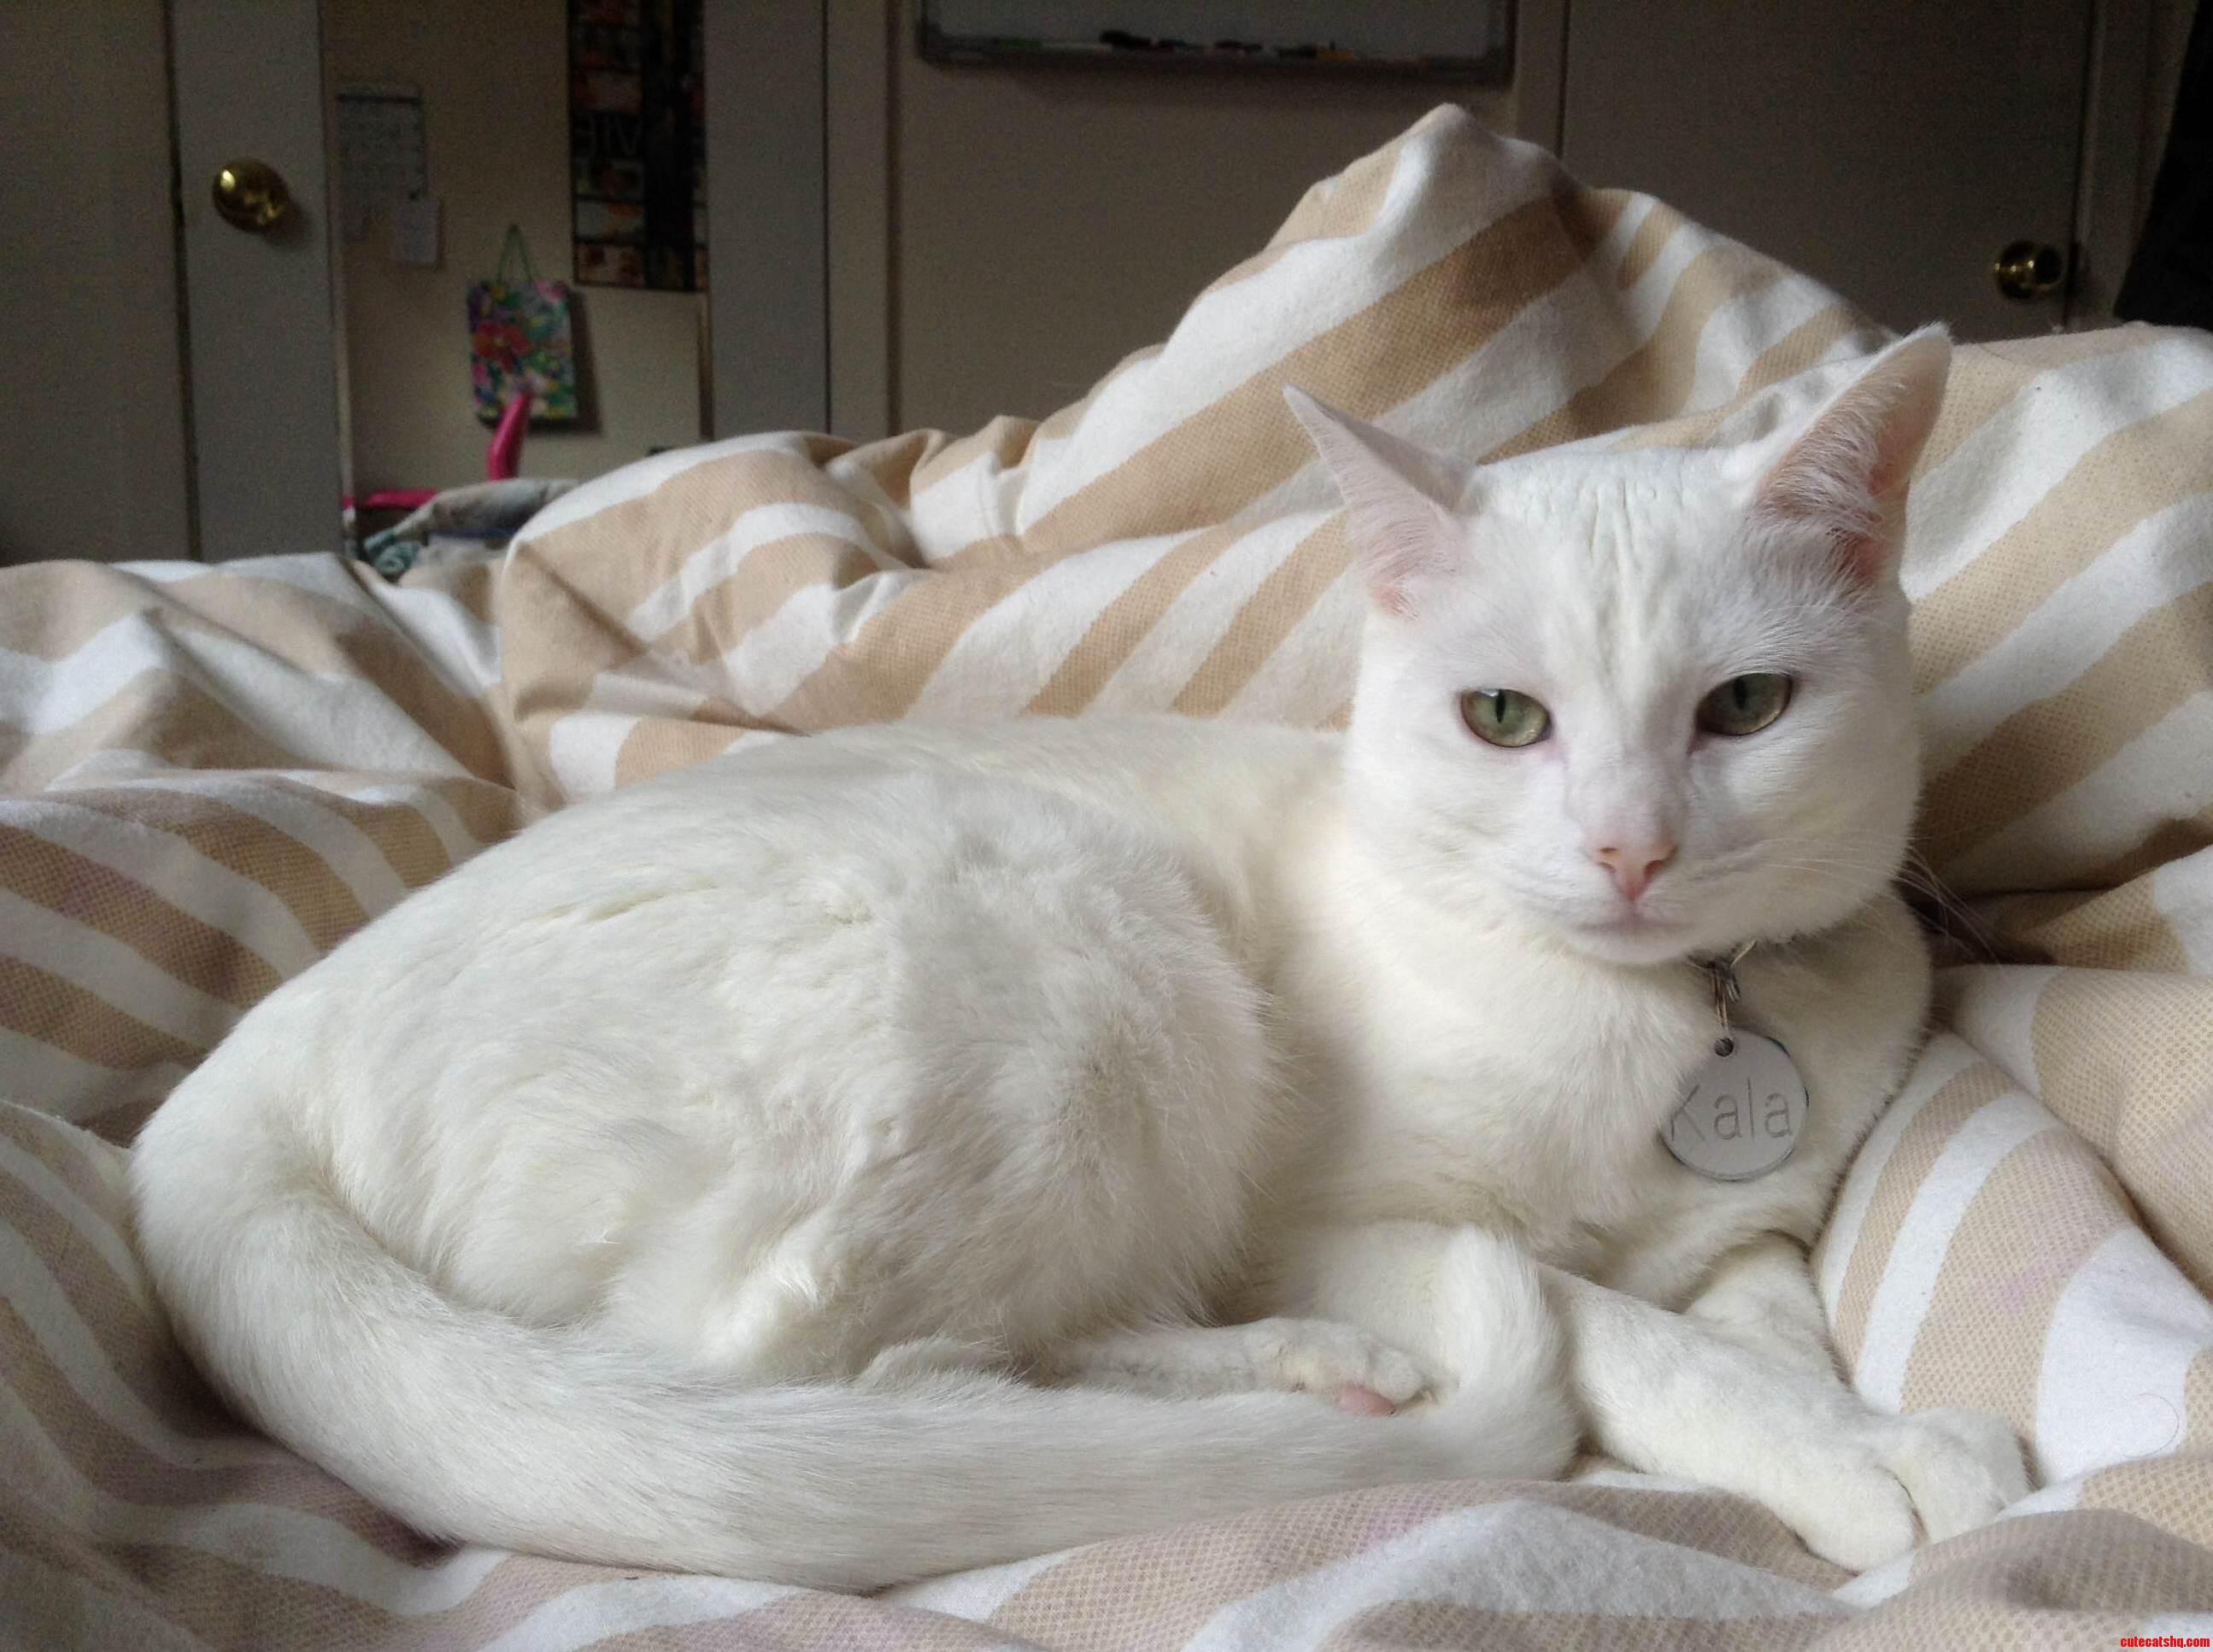 My Darling Kitten Kala. She Always Blends In.